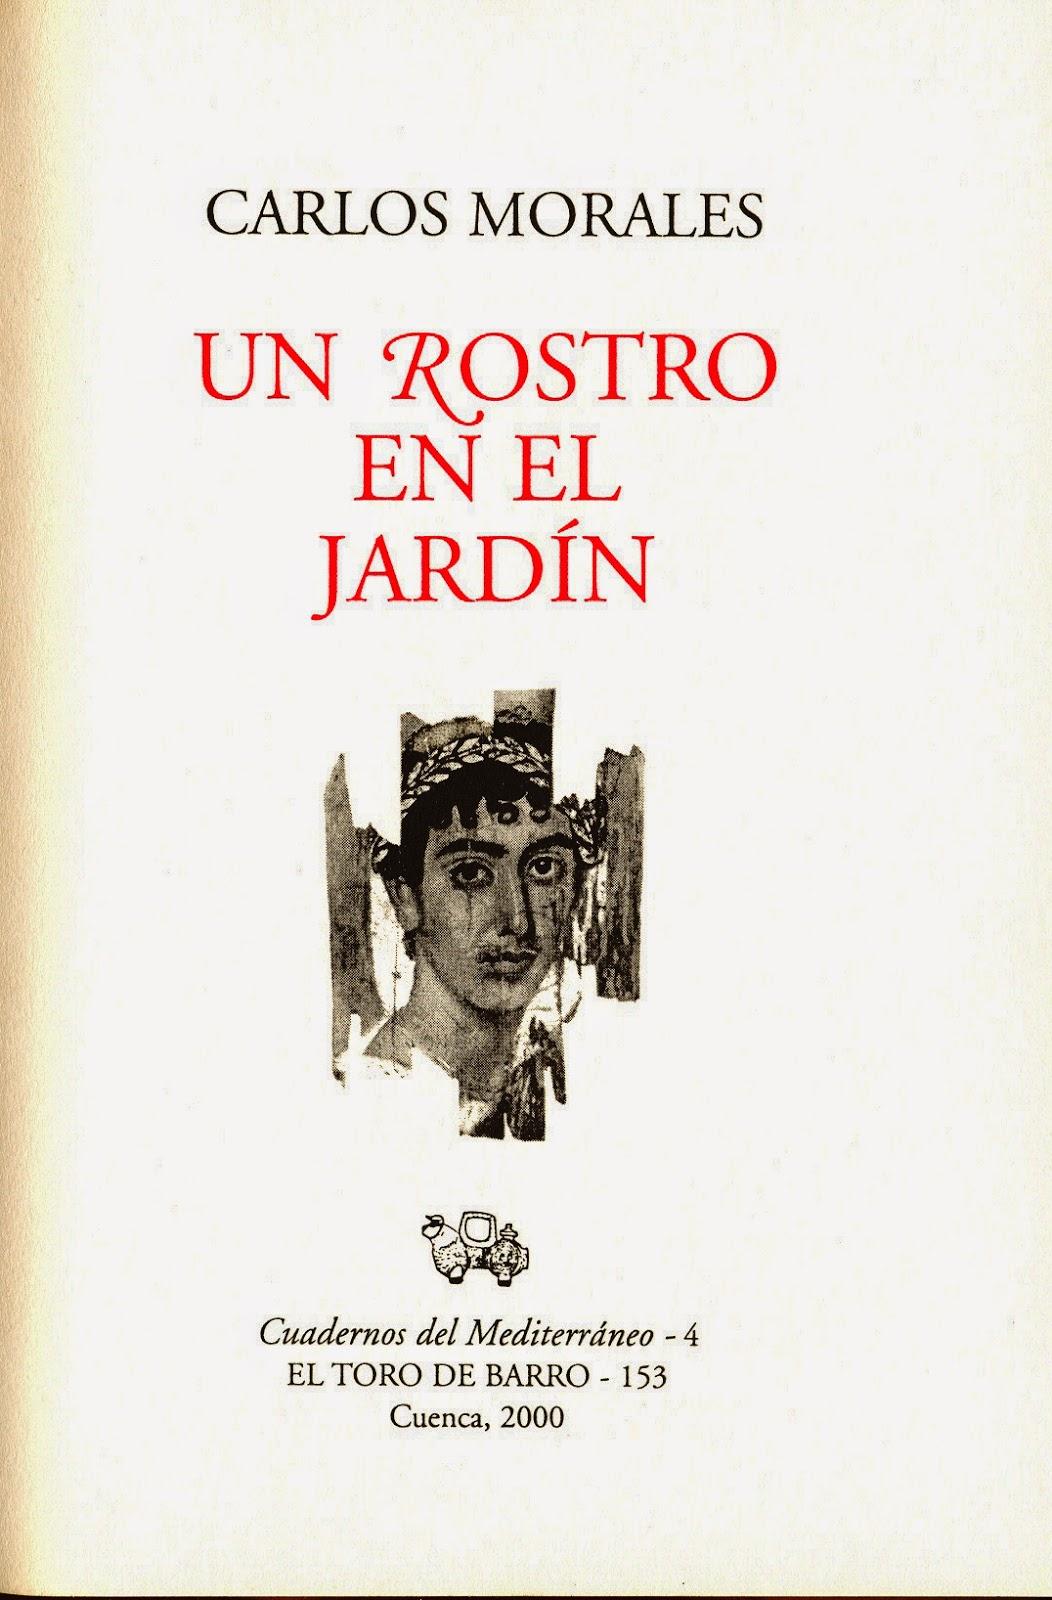 """Carlos Morales del Coso, """"Un rostro en el jardín"""", Col. Cuadernos del Mediterráneo, El Toro de Barro, Tarancón de Cuenca 2000"""